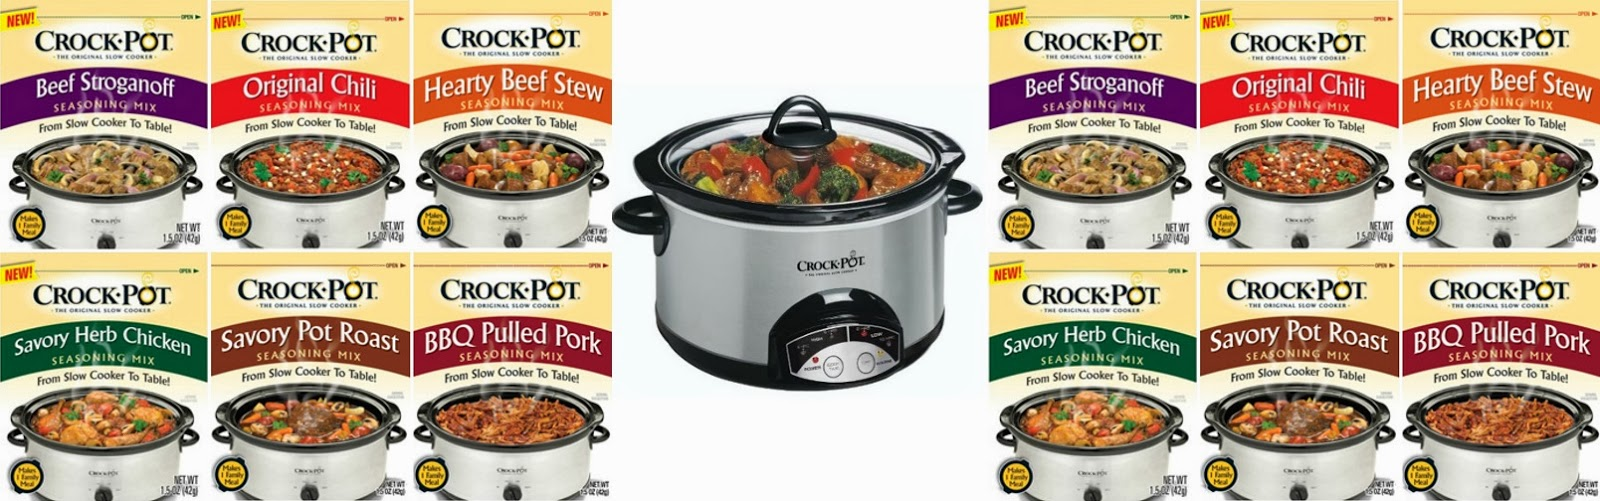 Crock-Pot giveaway